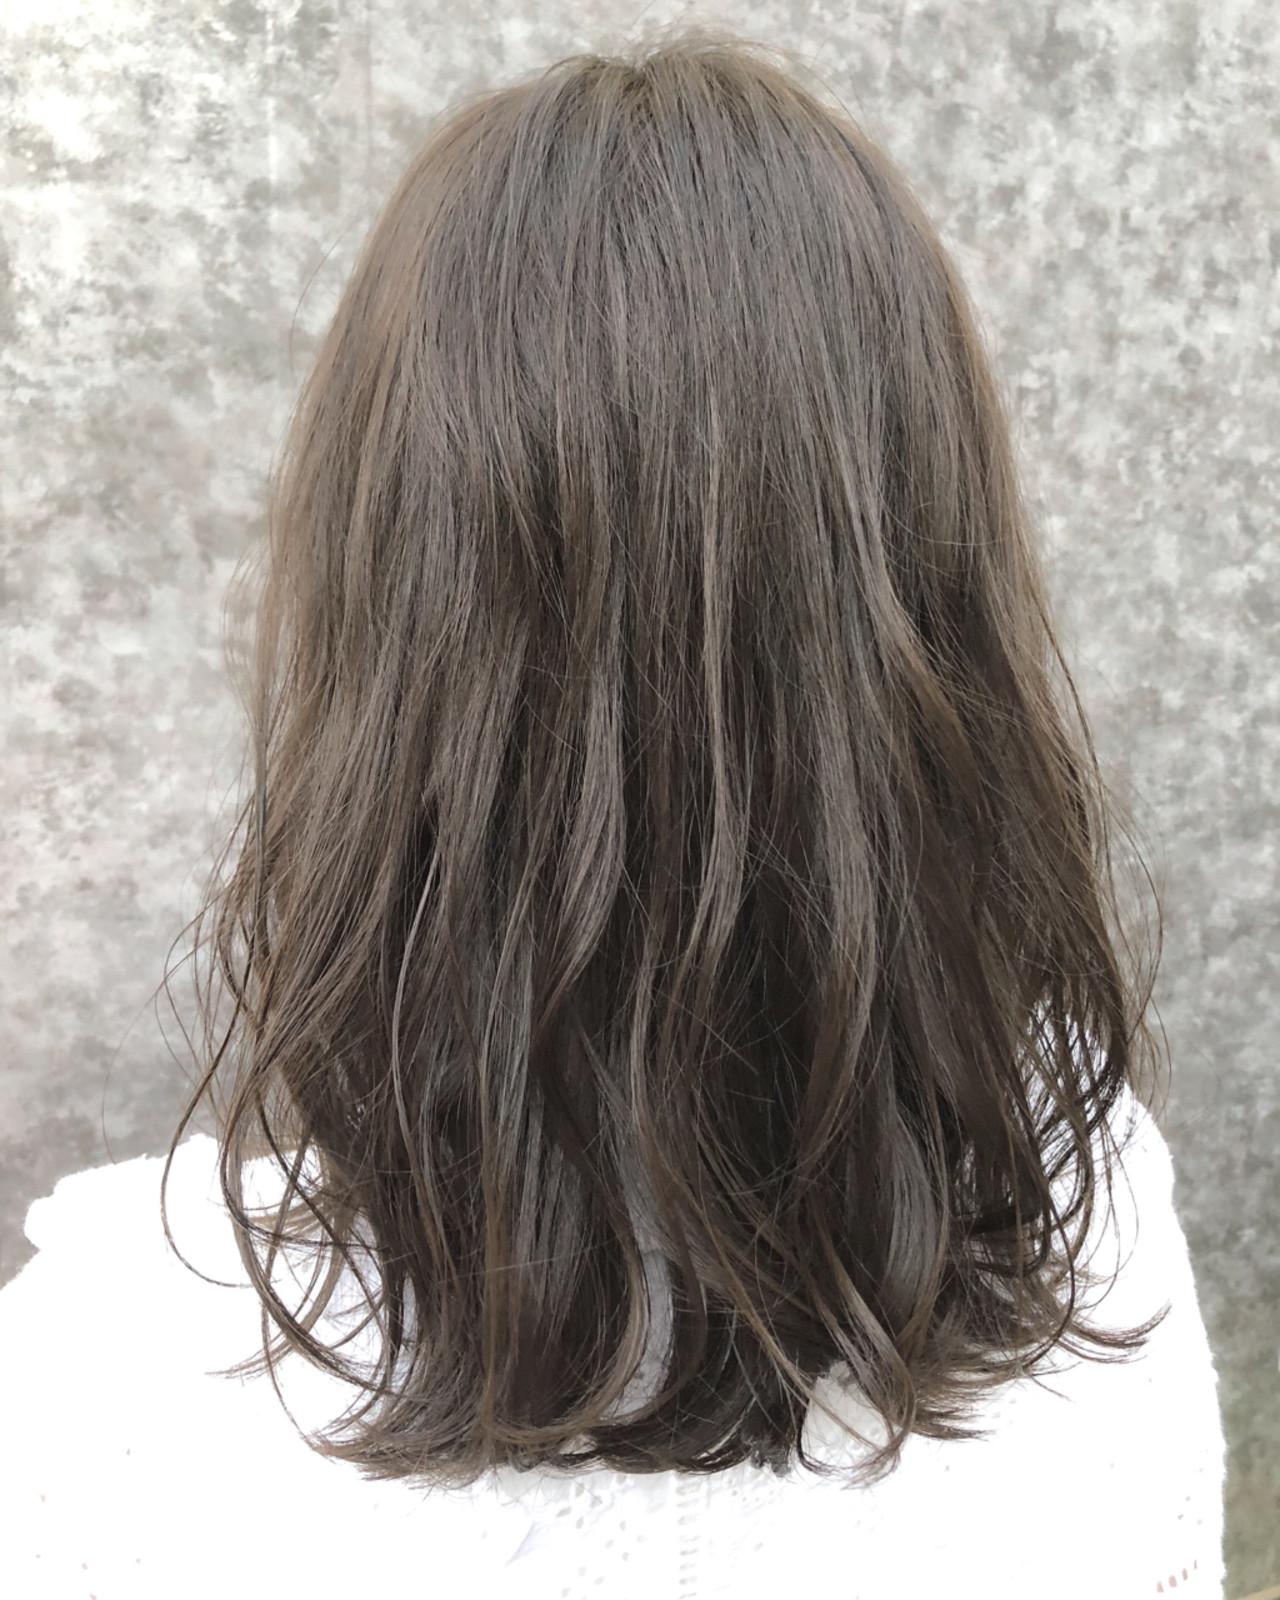 ミディアム グレージュ 秋 ゆるふわ ヘアスタイルや髪型の写真・画像 | 園城寺裕也 /  EARTH浦和店